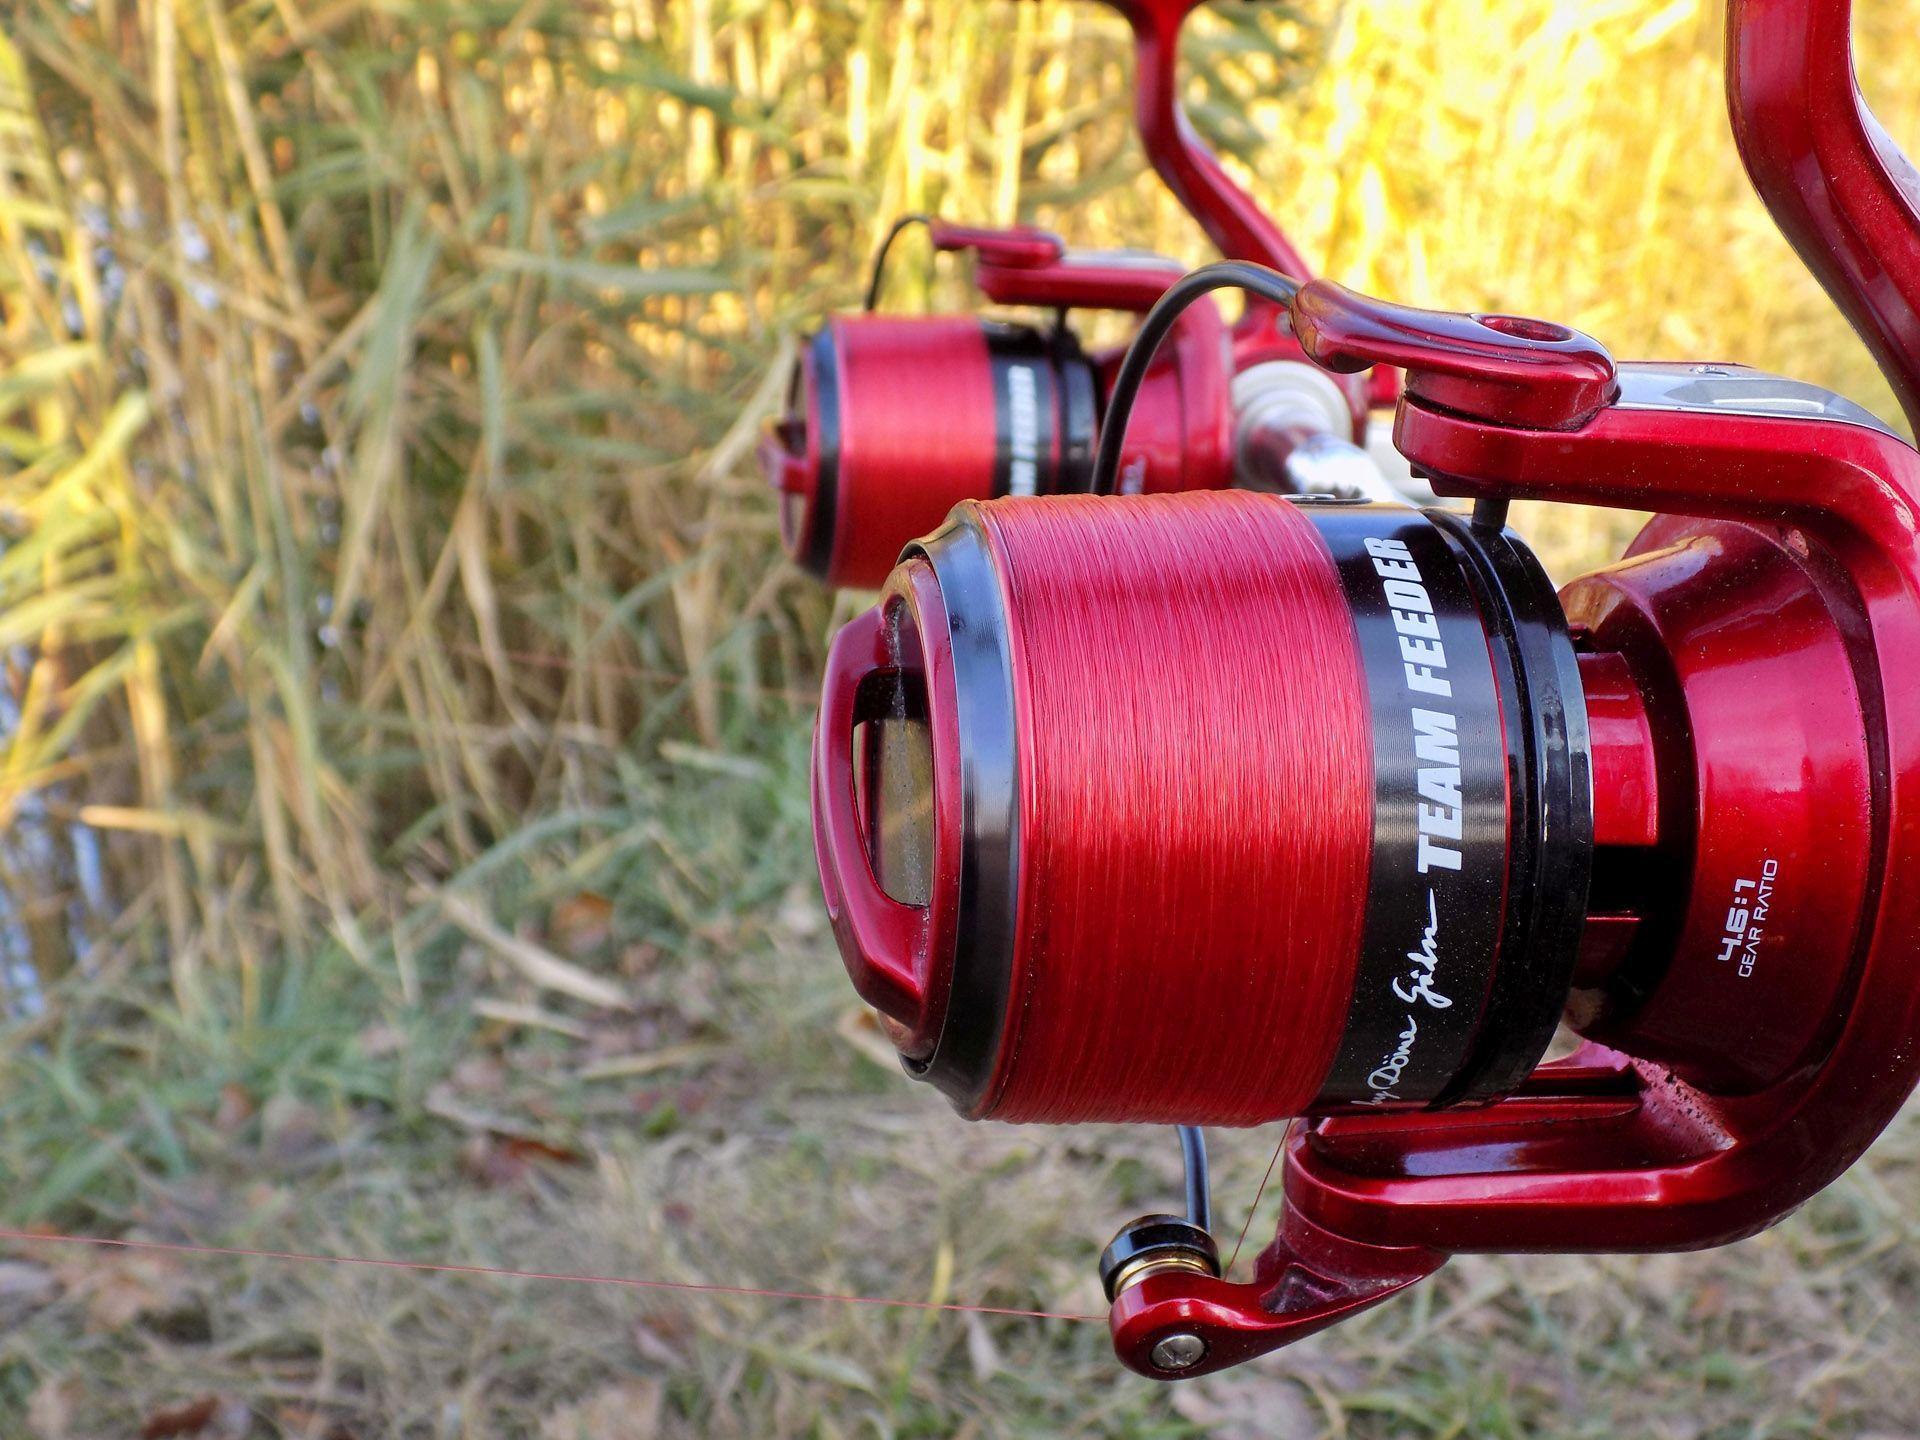 Ha vékony zsinórral horgászunk, (jelen esetben 0,18 mm) akkor elengedhetetlen kiegészítő egy precíz fékrendszerű orsó. A Team Feeder Long Cast pontosan ilyen kvalitásokkal rendelkezik